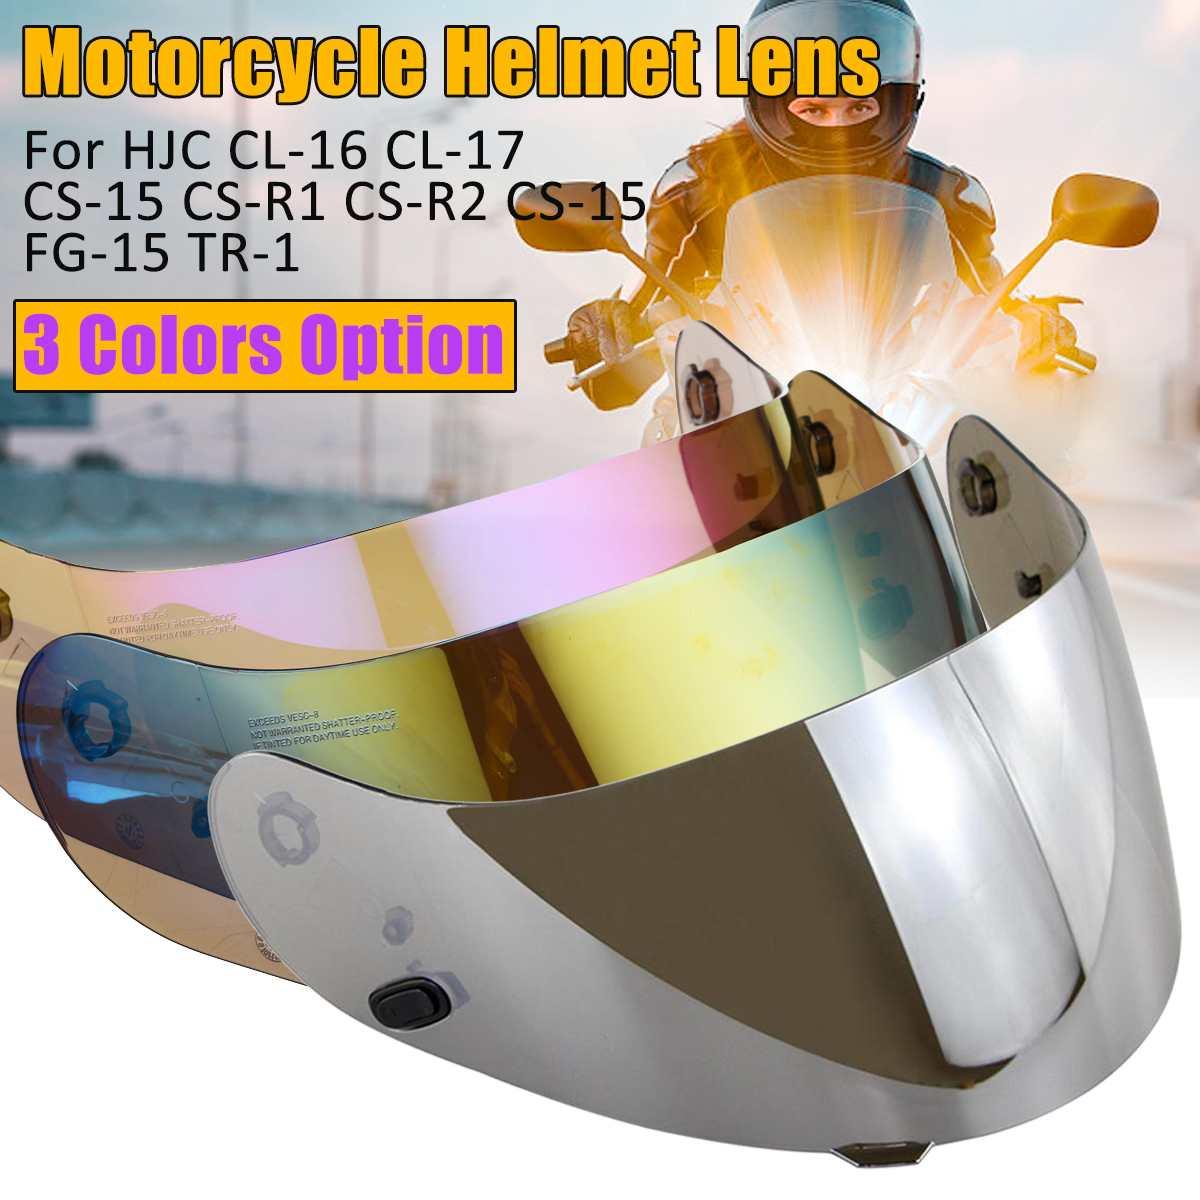 Motorcycle Helmet visor for…